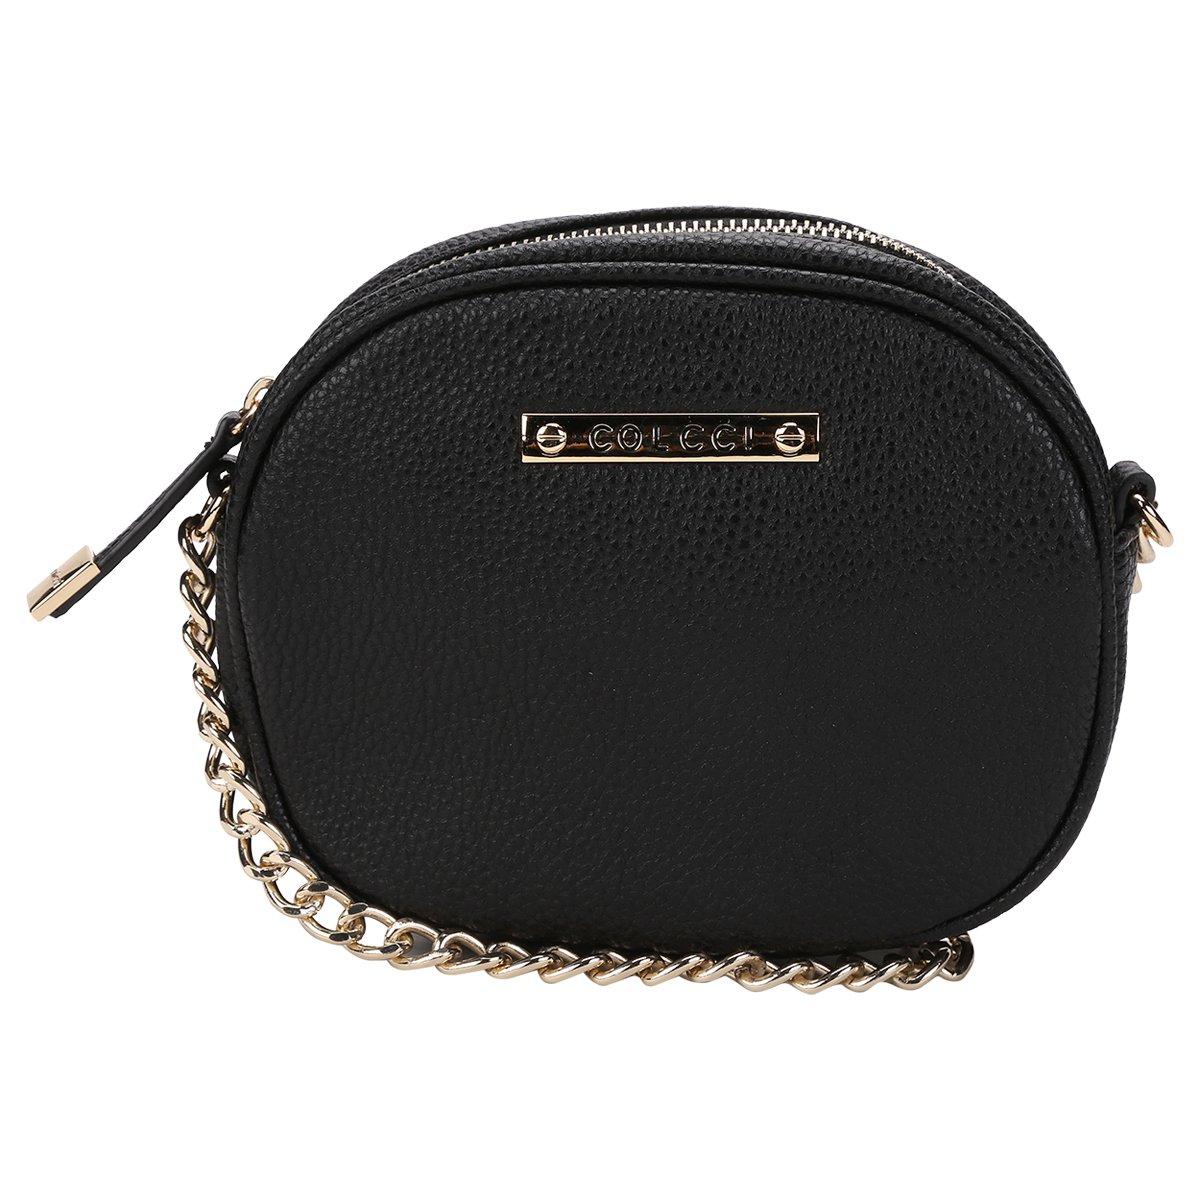 ce85a89646 Bolsa Colcci Mini Bag Alça Corrente - Compre Agora